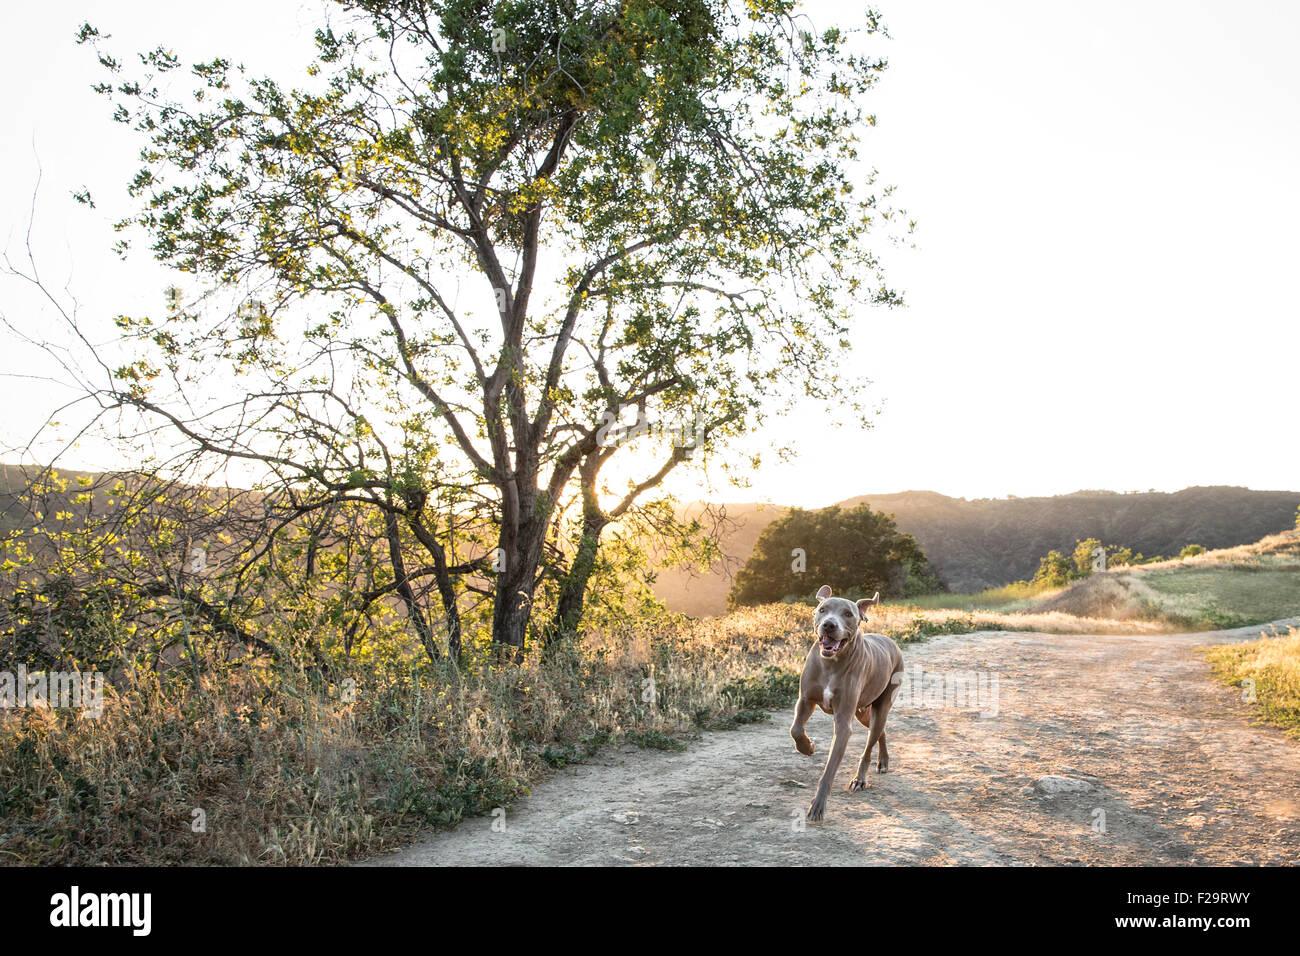 Weimaraner-Hund läuft auf Schmutz Pfad neben großer einsamer Baum hinten beleuchtet von Sonnenuntergang Stockbild